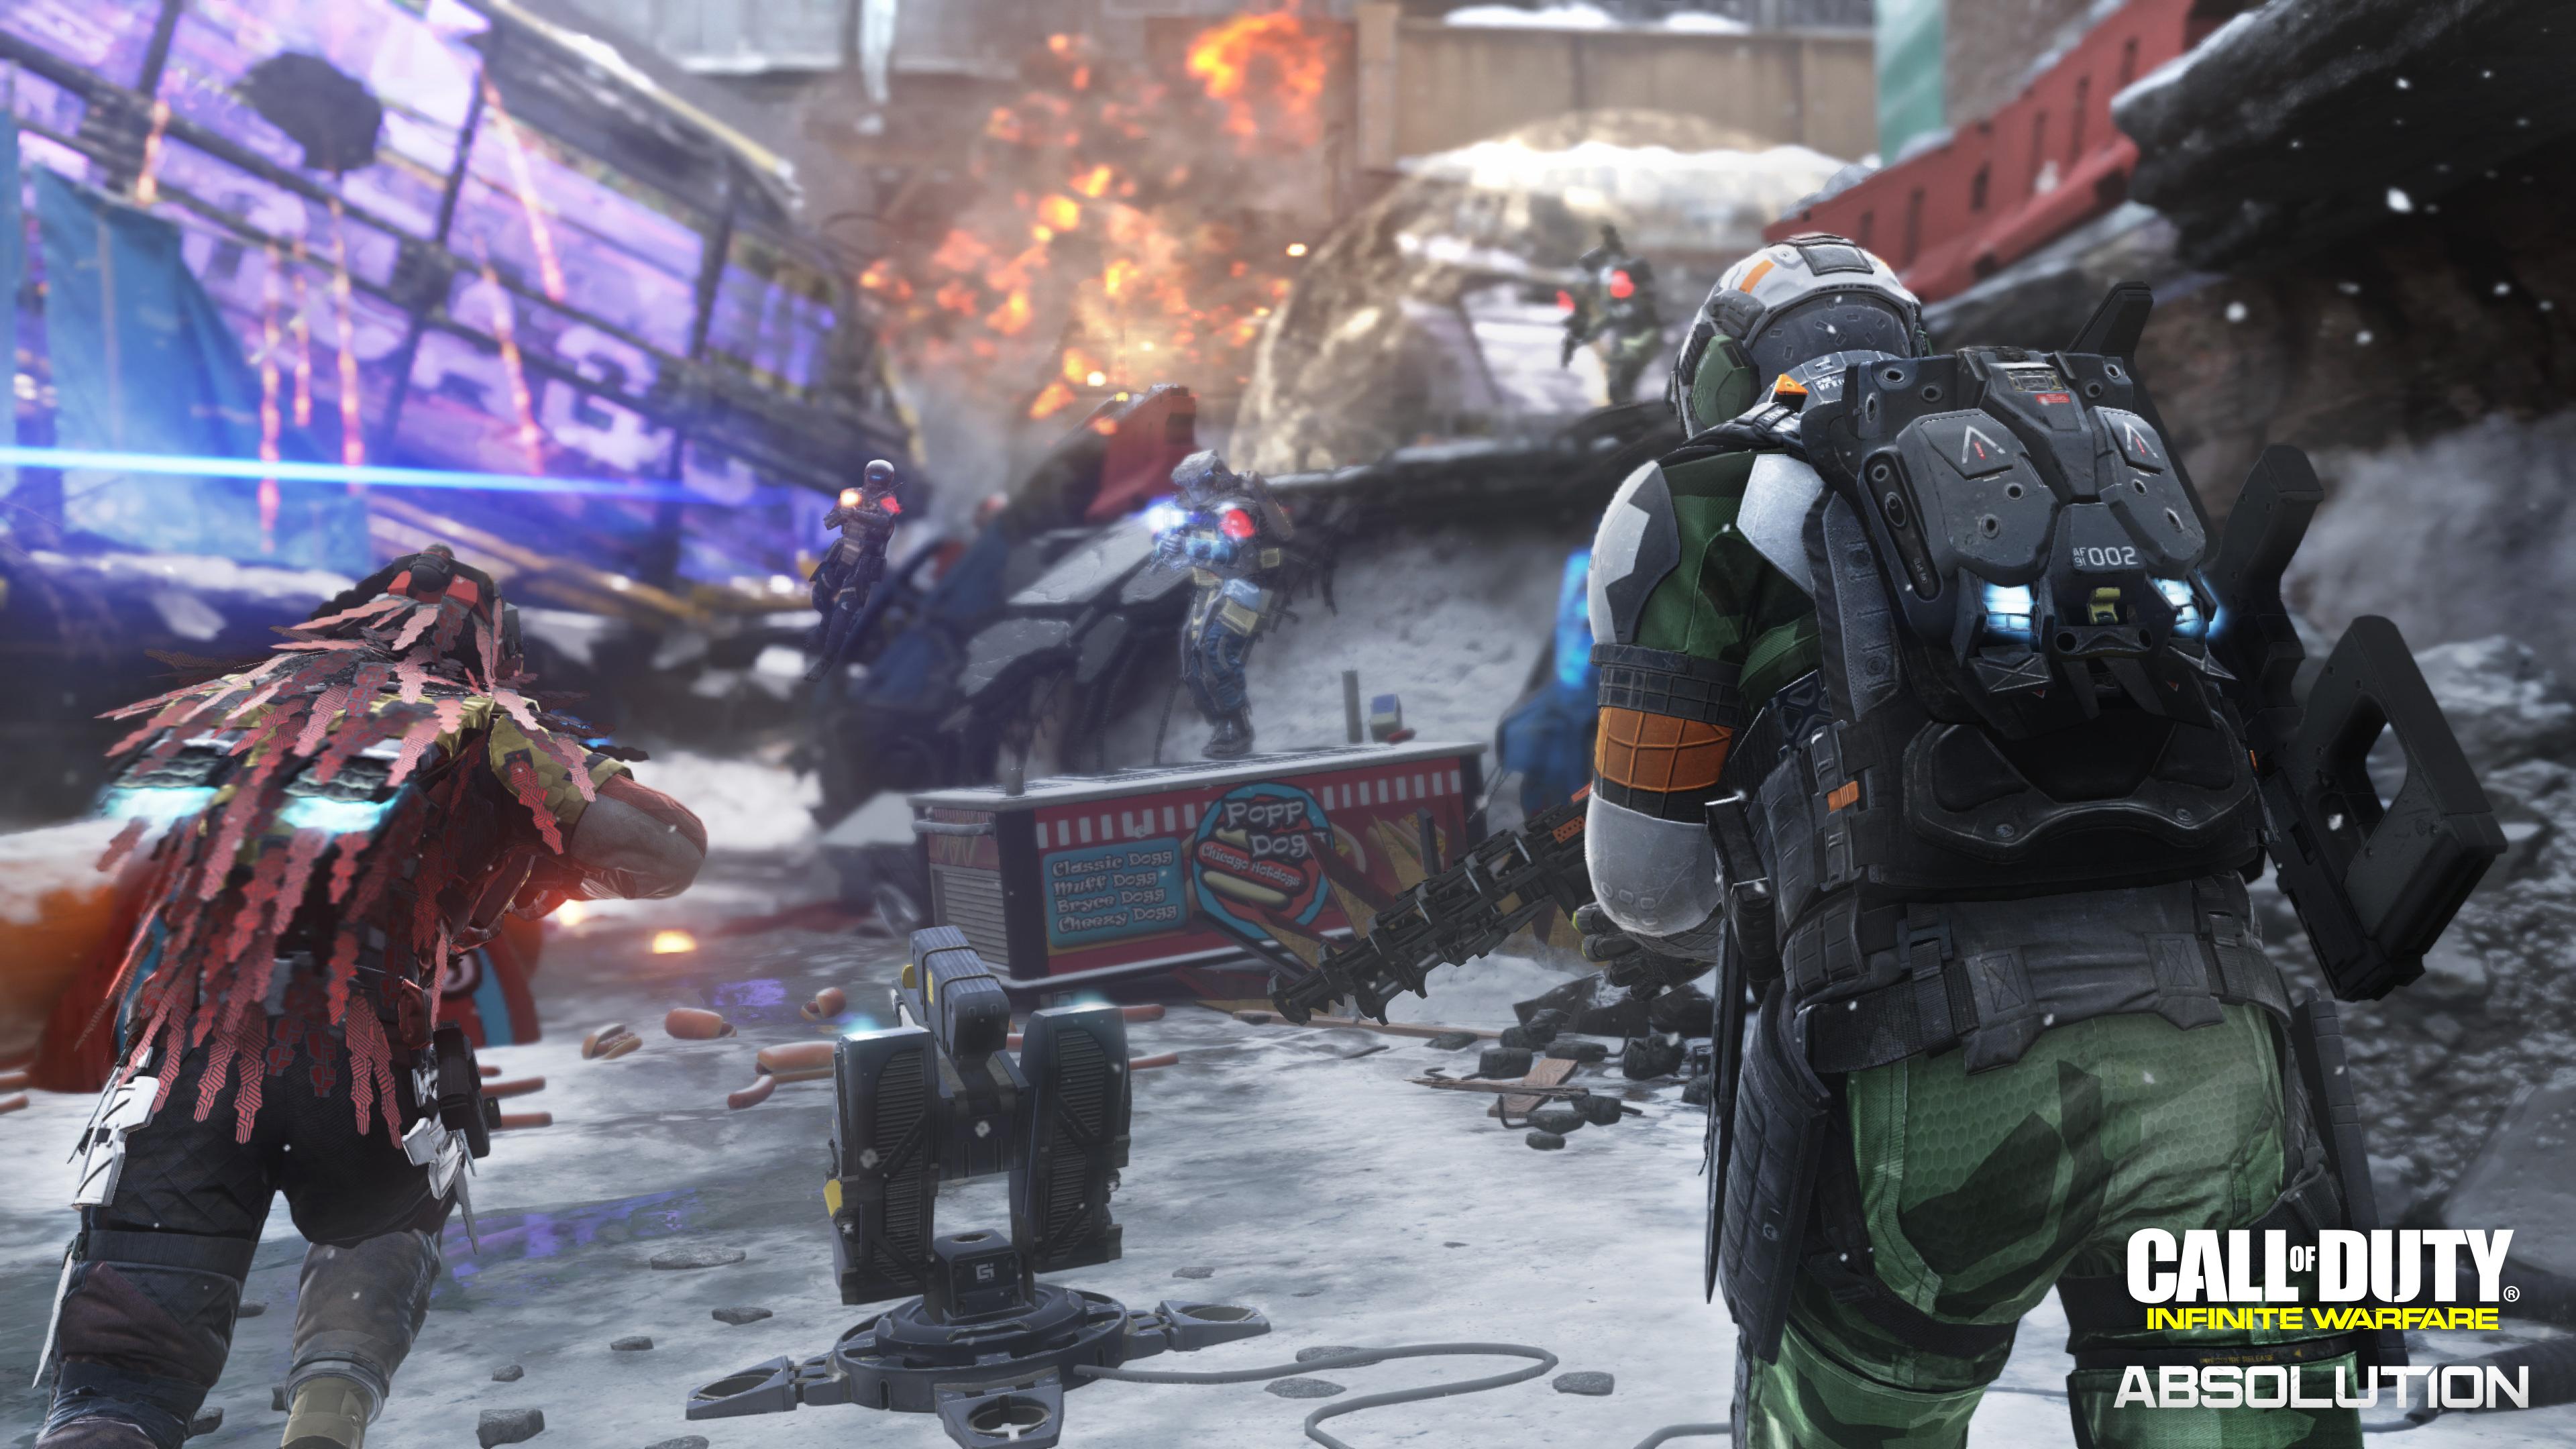 Příští týden vyjde Absolution DLC do Call of Duty: Infinite Warfare 146712